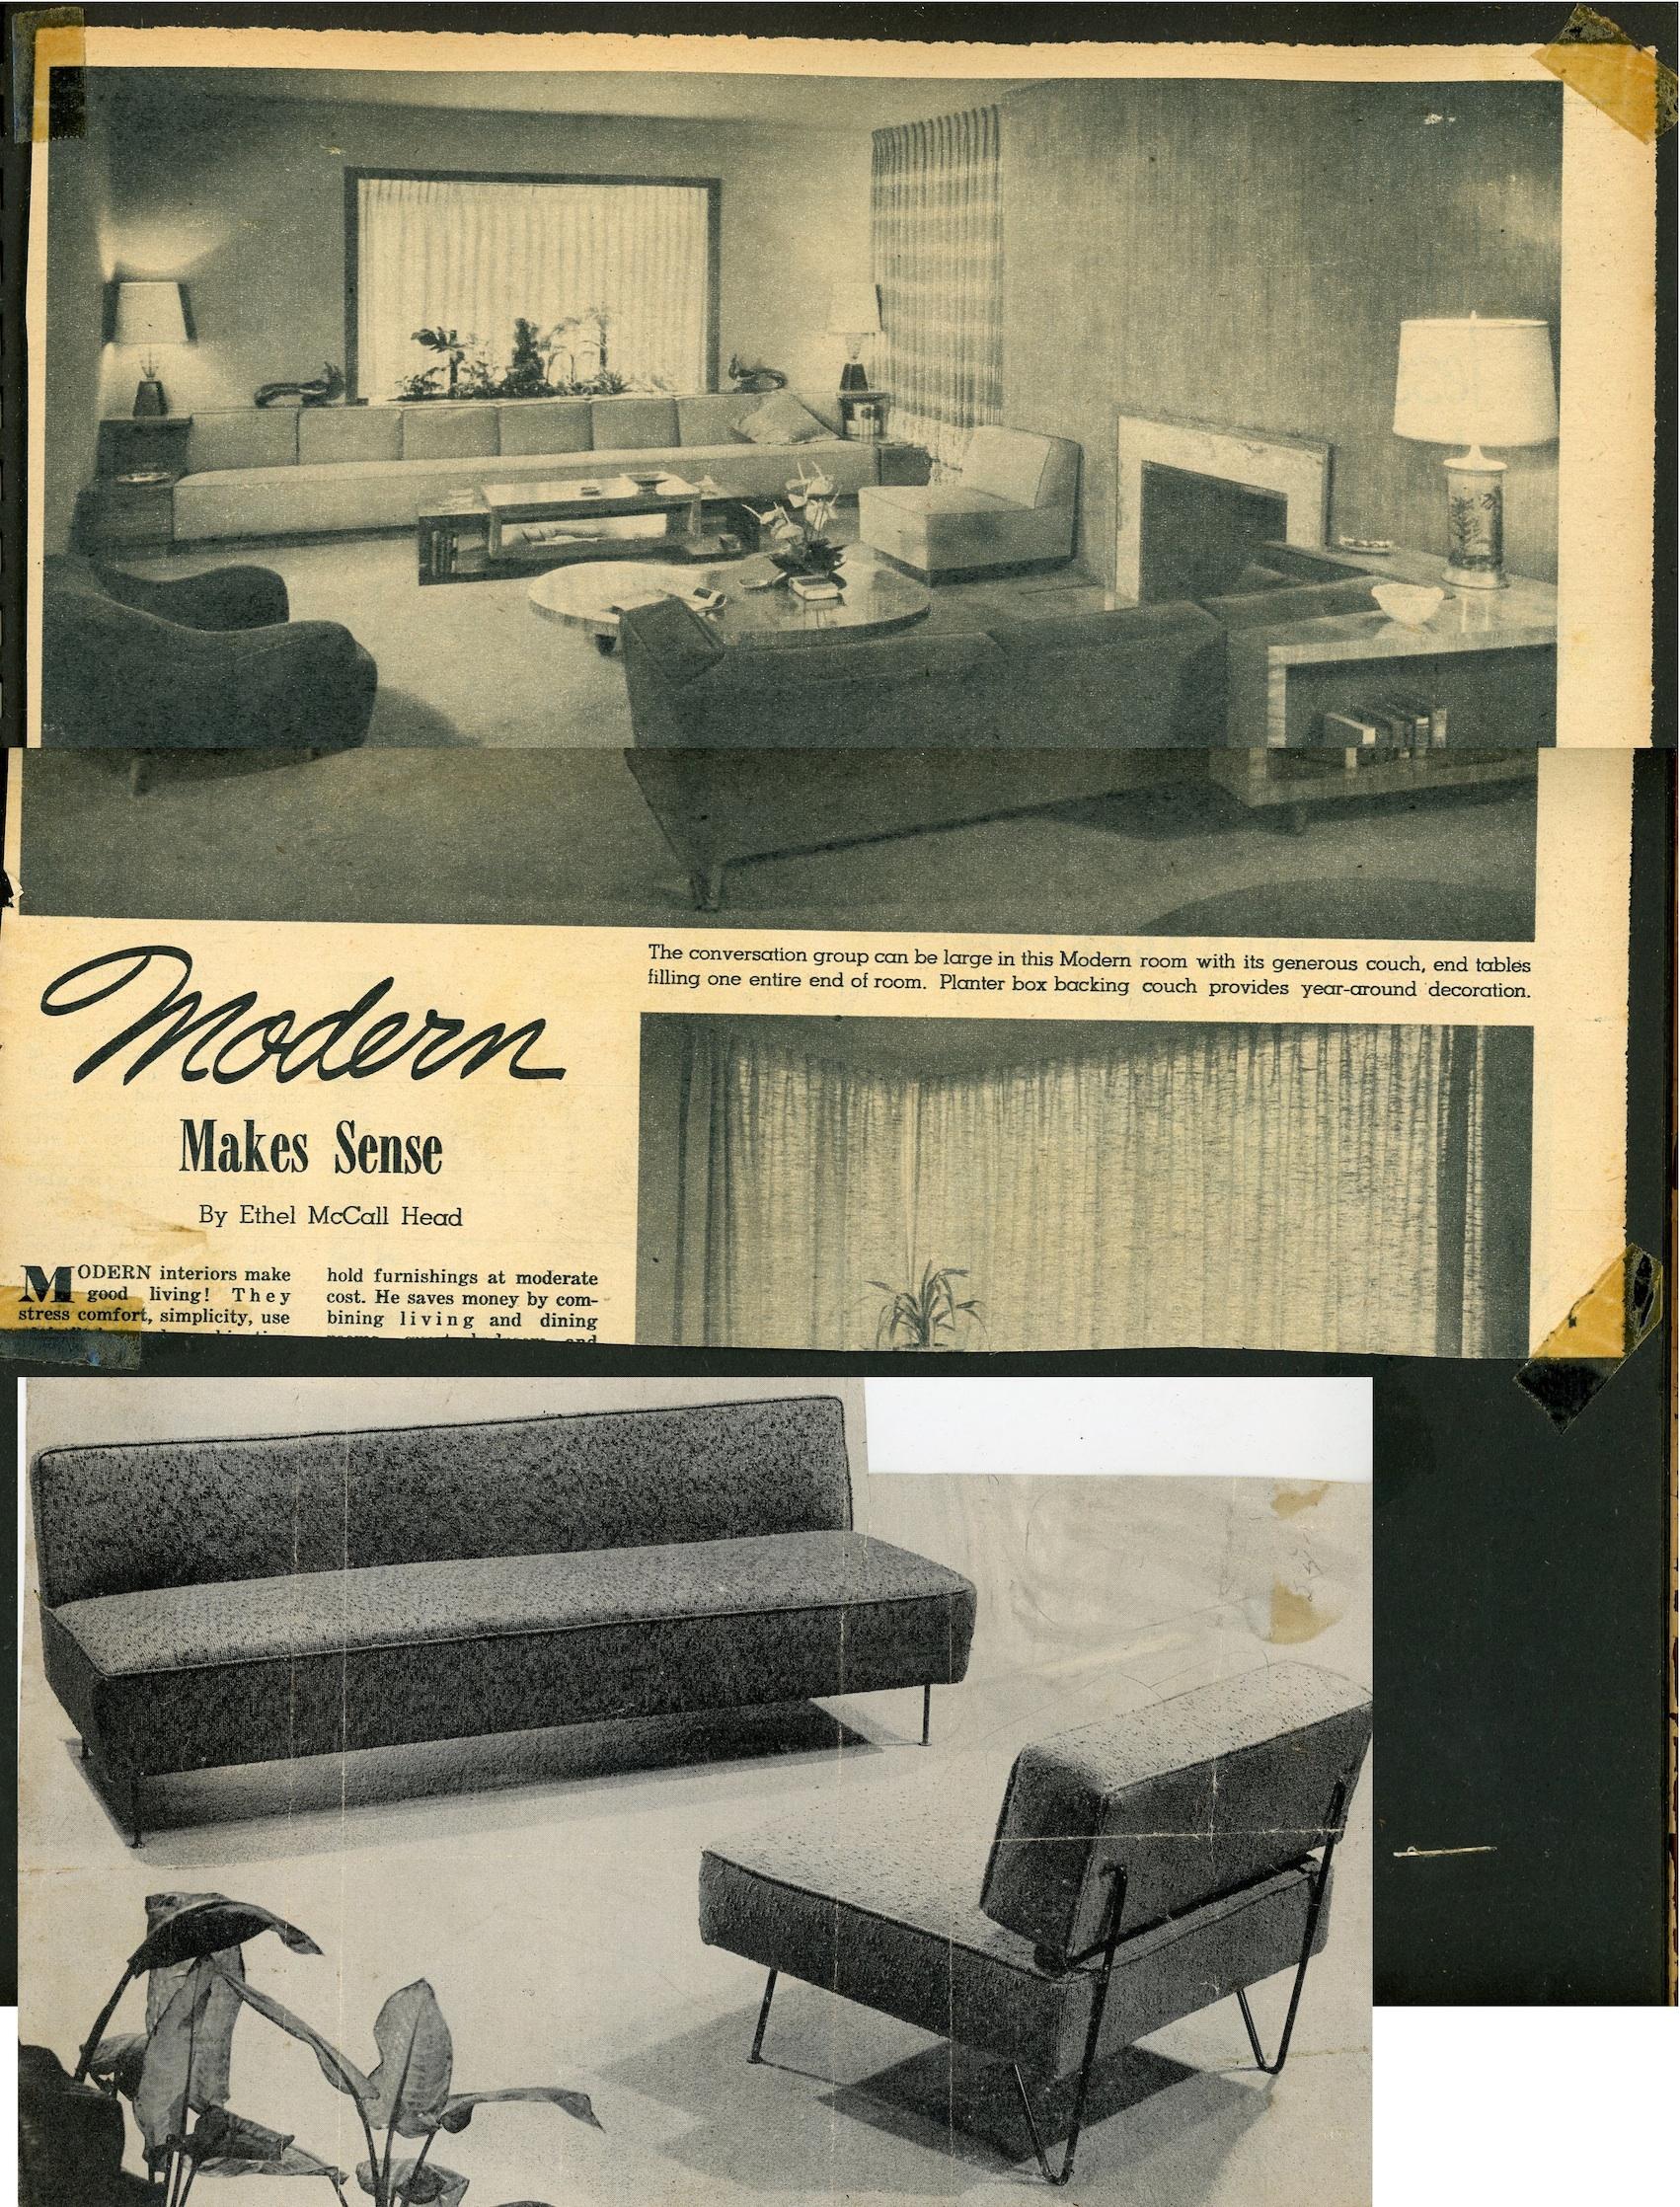 Modern Makes Sense_probably_LA Times_Nov 16_1948e.jpg